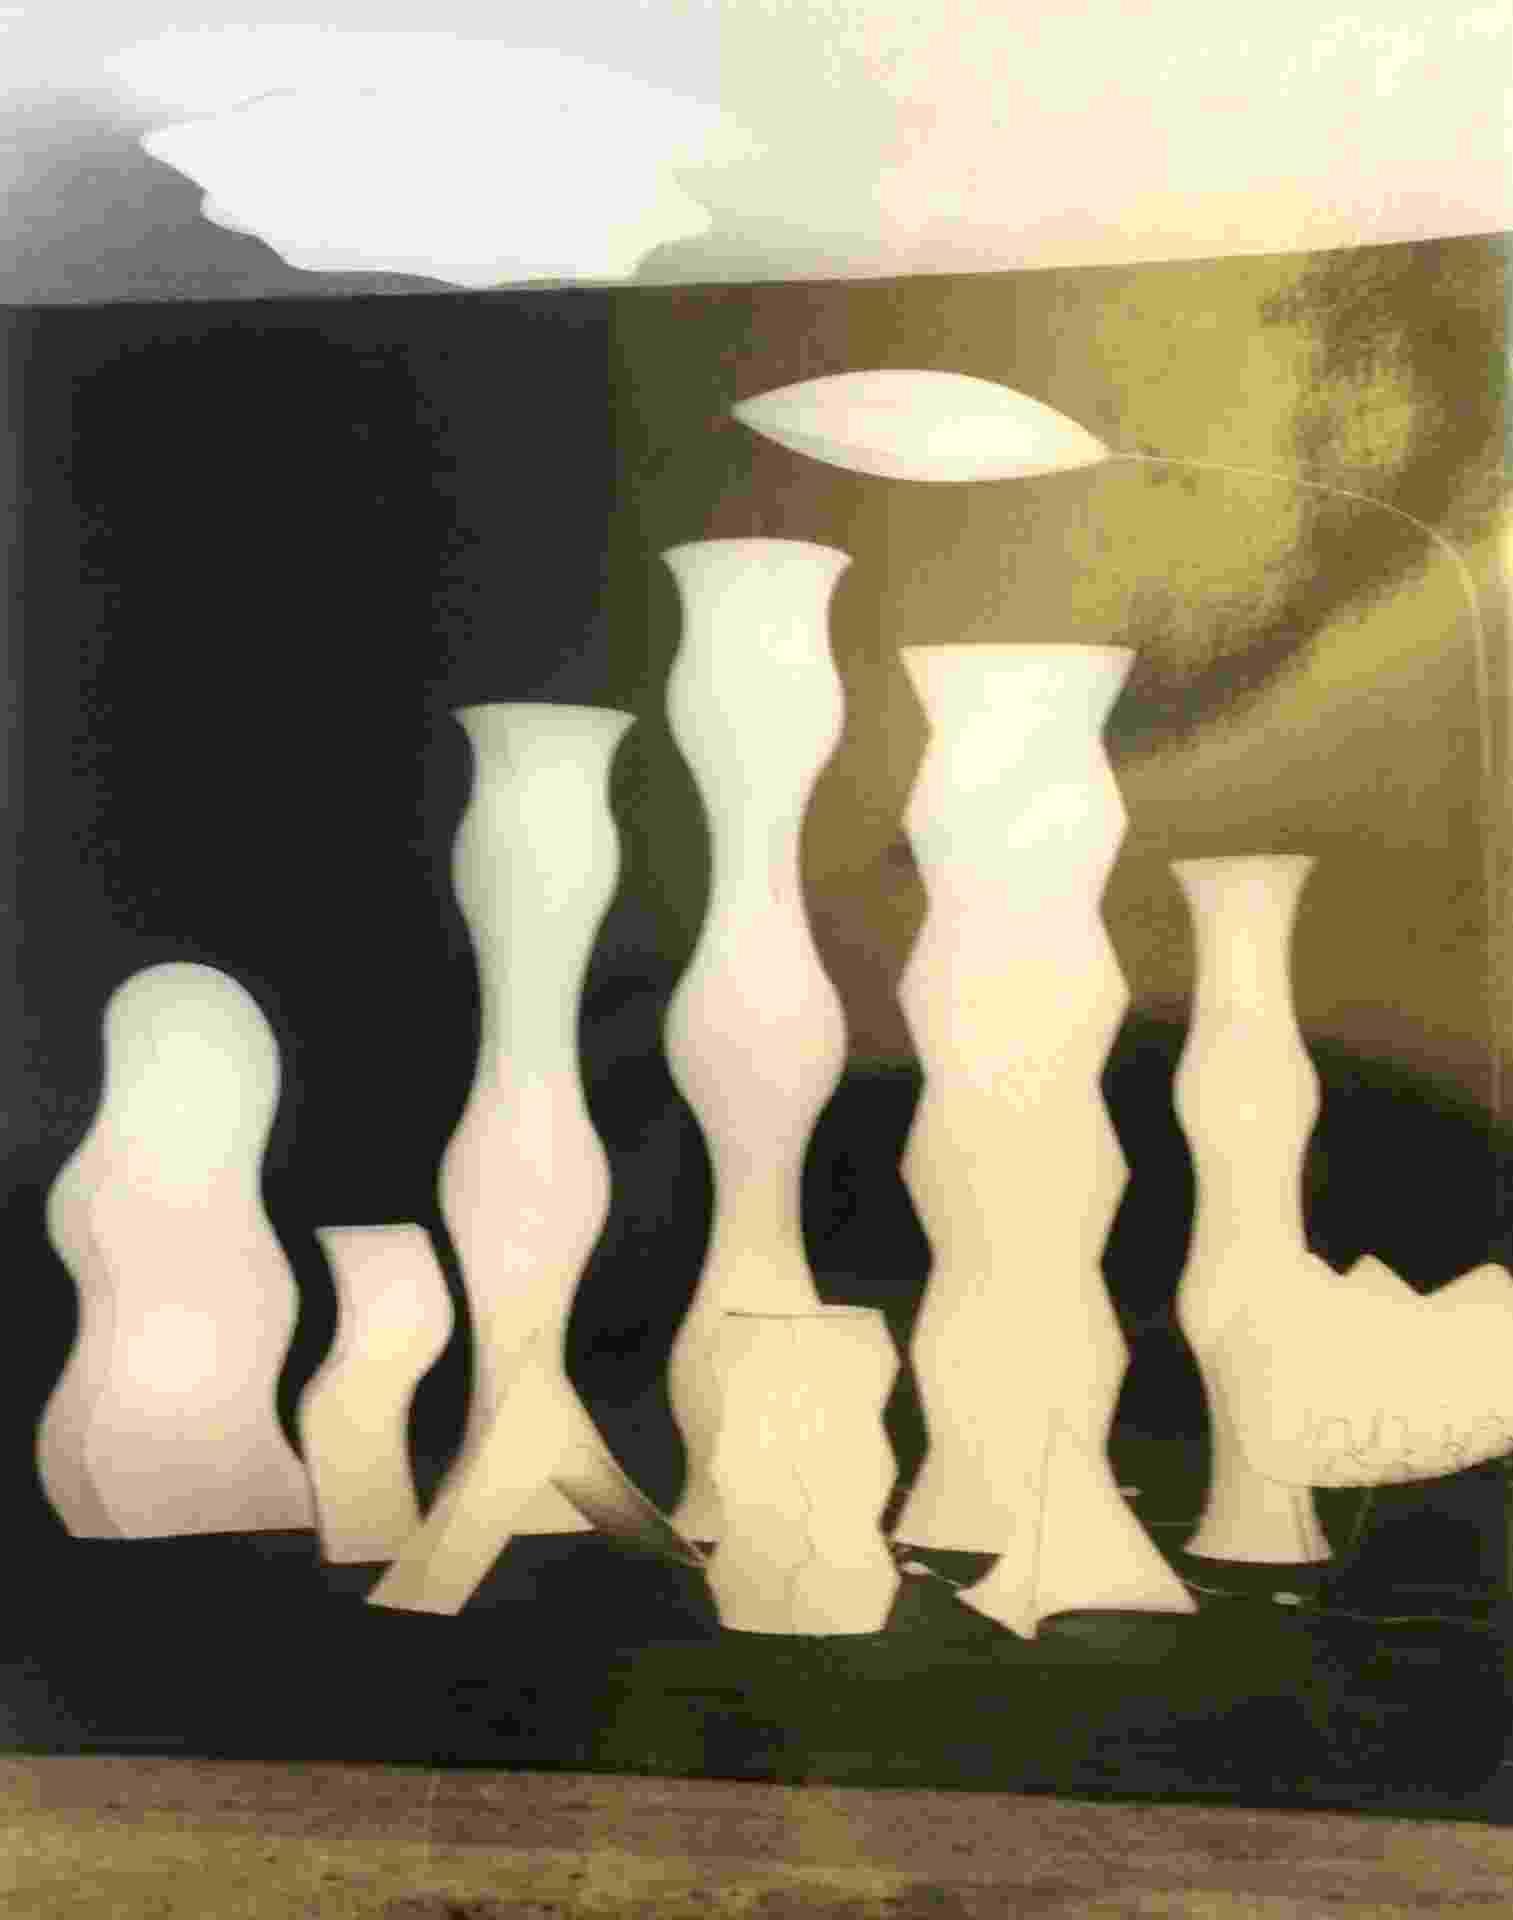 """Na foto, conjunto de luminárias de metal e tecido. """"Utilizei toda uma gama de materiais - do alumínio ao acrílico, da fibra de vidro a retículas impressas em 'silkscreen' -, voltando-me para um empenho mais conceitual de criação"""". A citação é do designer Fábio Alvim (1944-93). O projetista é tema de uma exposição em cartaz no Museu da Casa Brasileira (MCB), em São Paulo, até 26 de janeiro de 2014. Outras informações: www.mcb.org.br - Divulgação"""